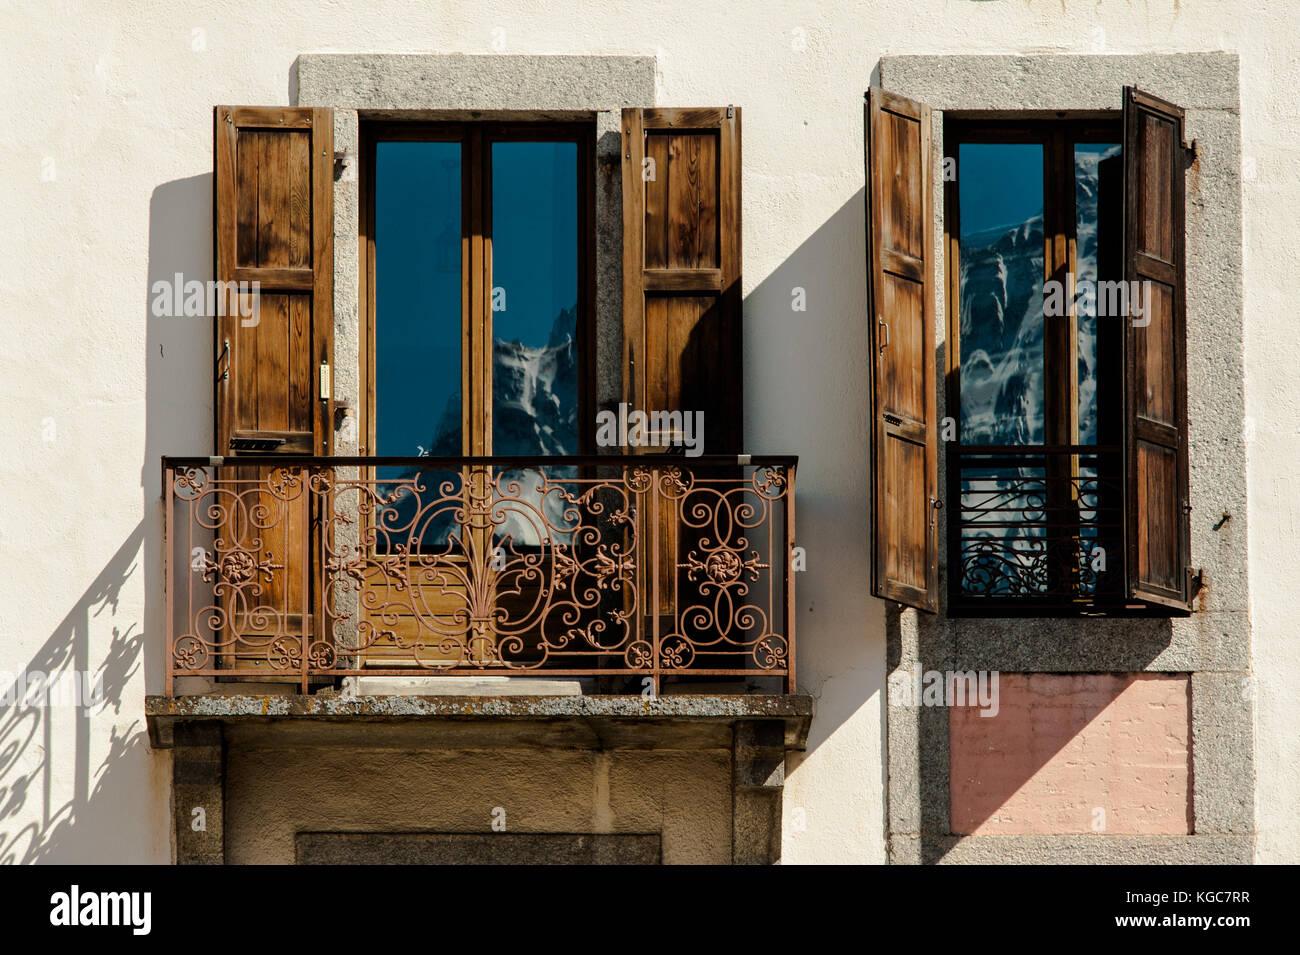 Fachada clásica de chamonix apartamento con una barandilla de hierro ...